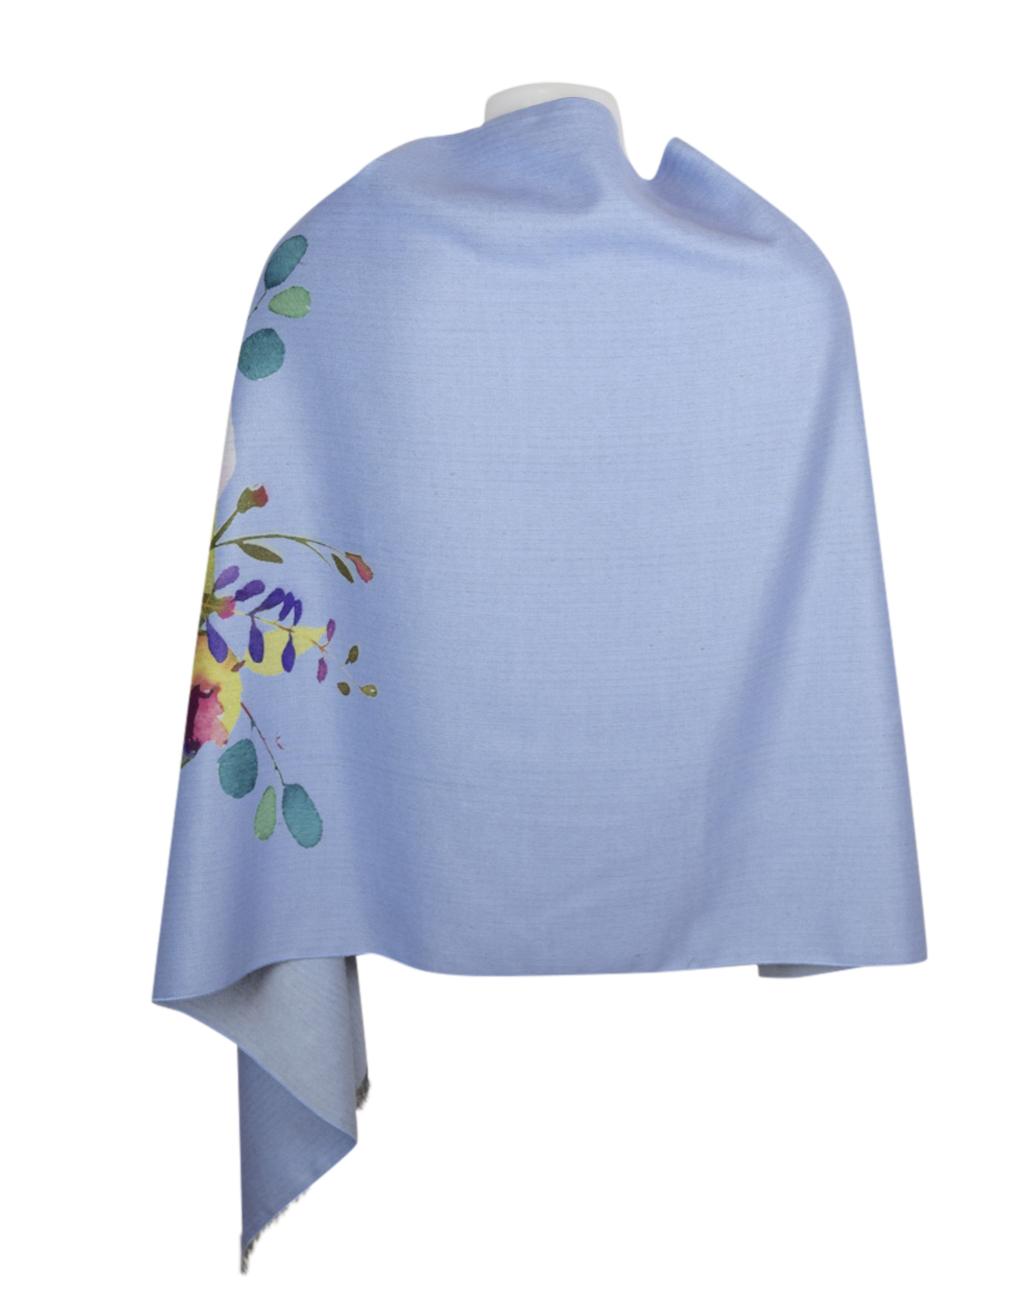 Luxury Stylish Cashmere Mix Blue Floral Shawl2